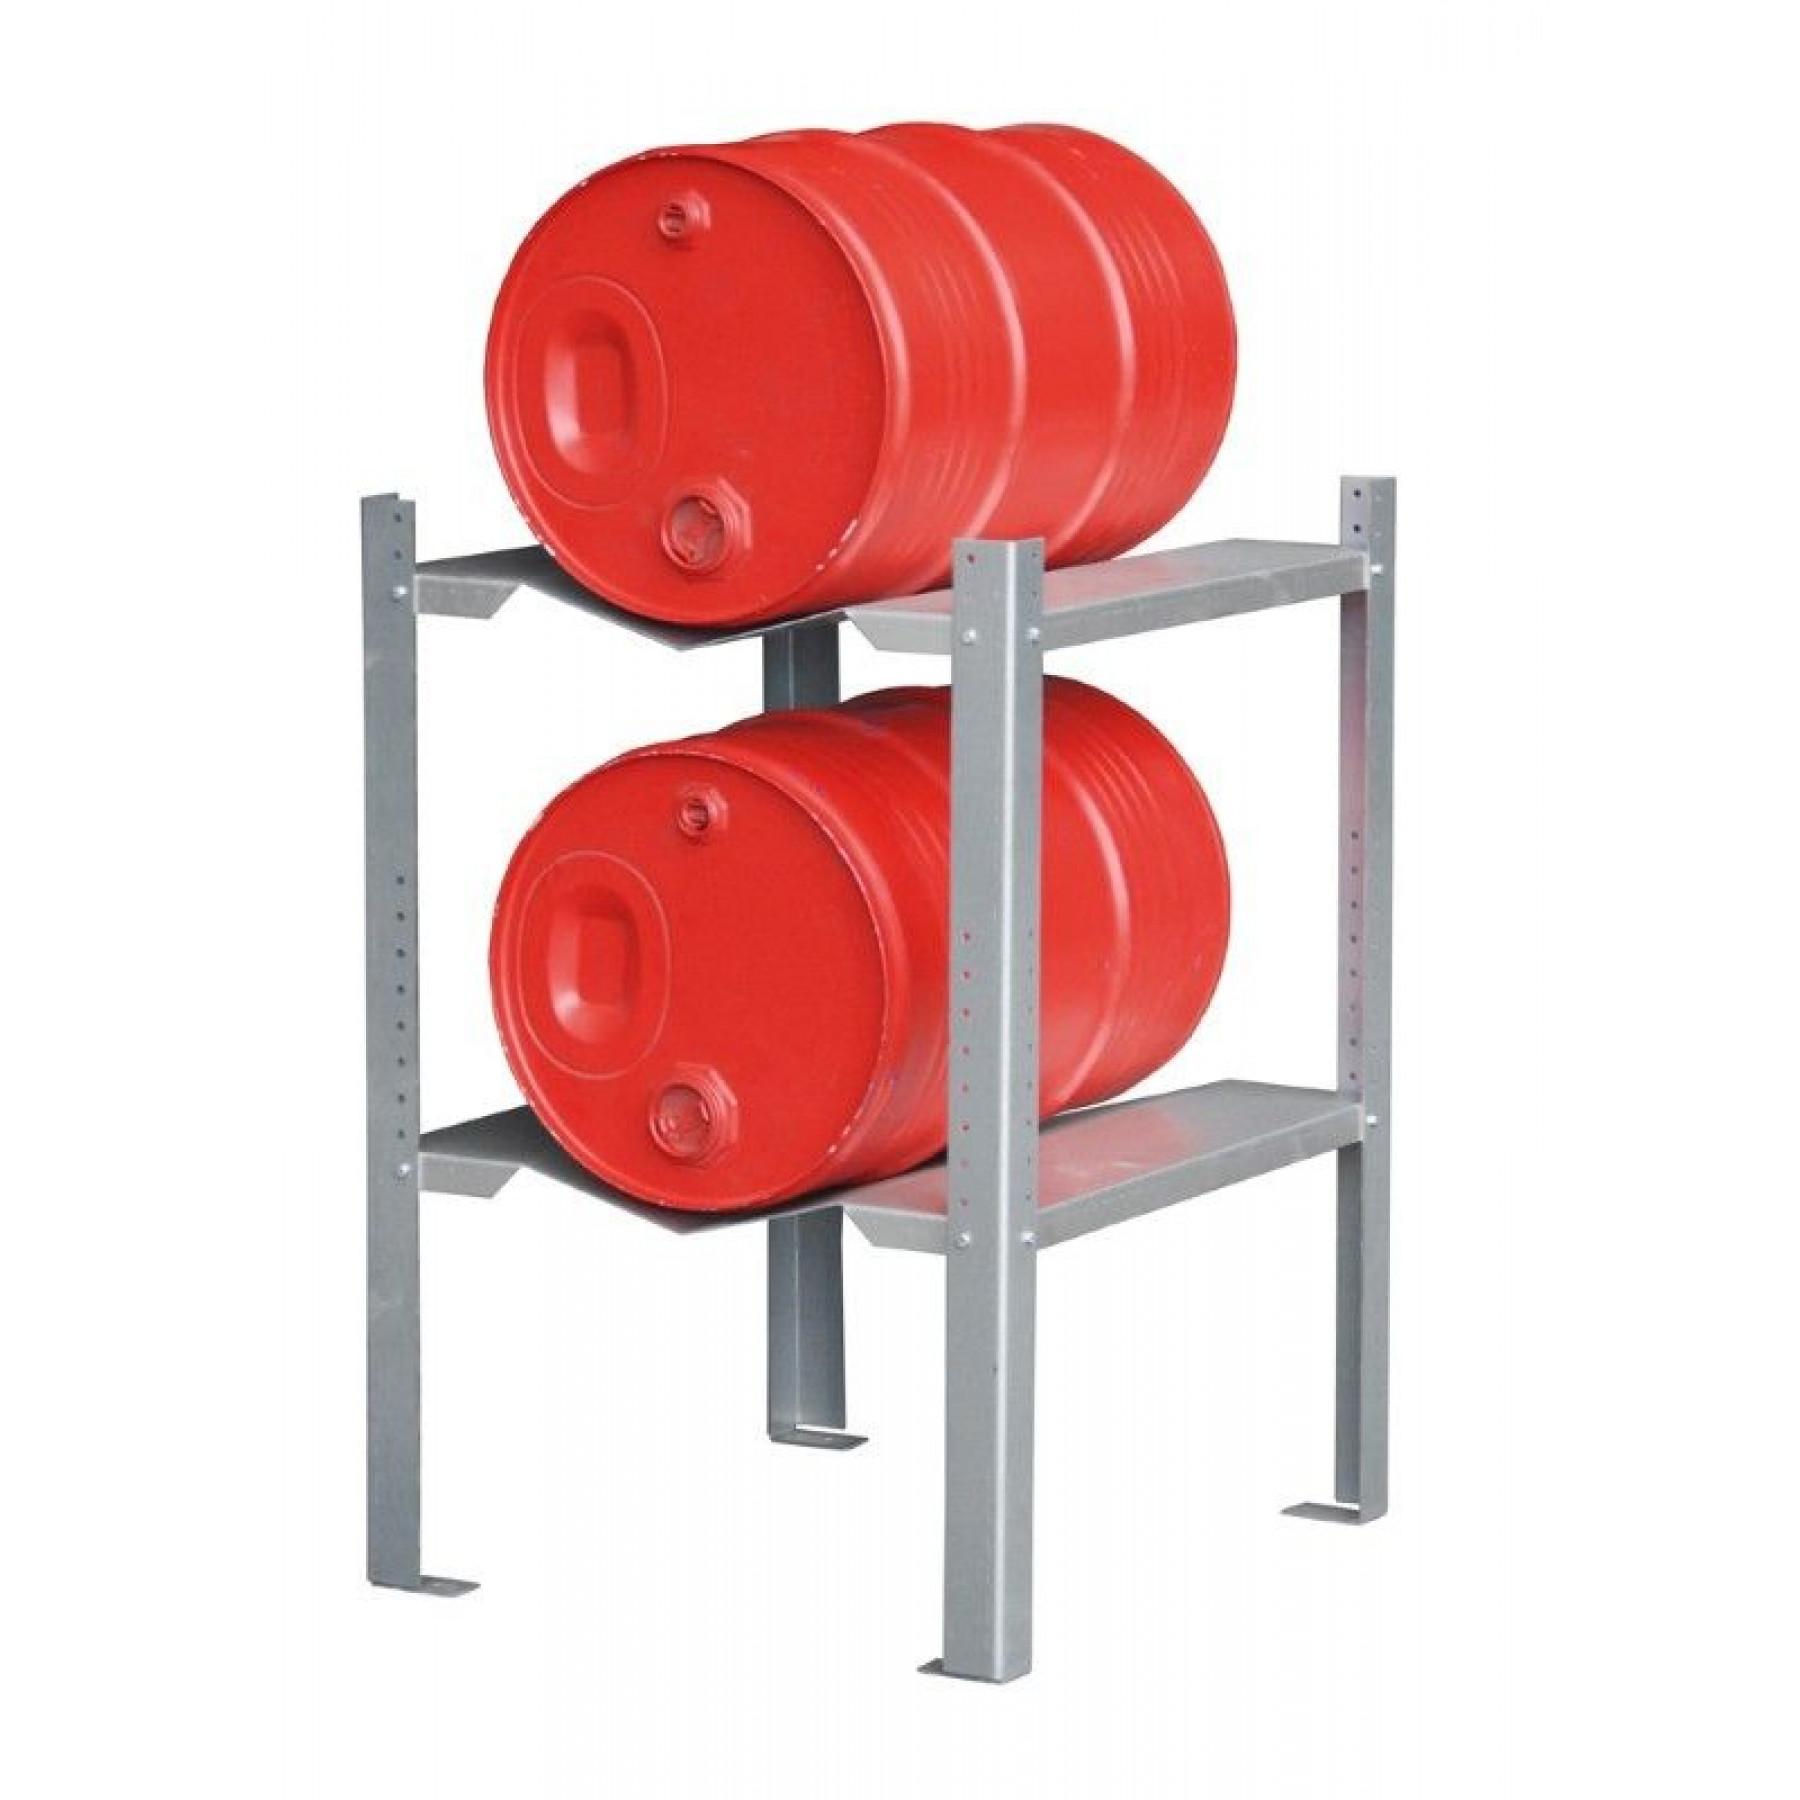 Blikkenrek met 2 x vatenrek voor 1 x 60 liter vat, 70049-GR-C